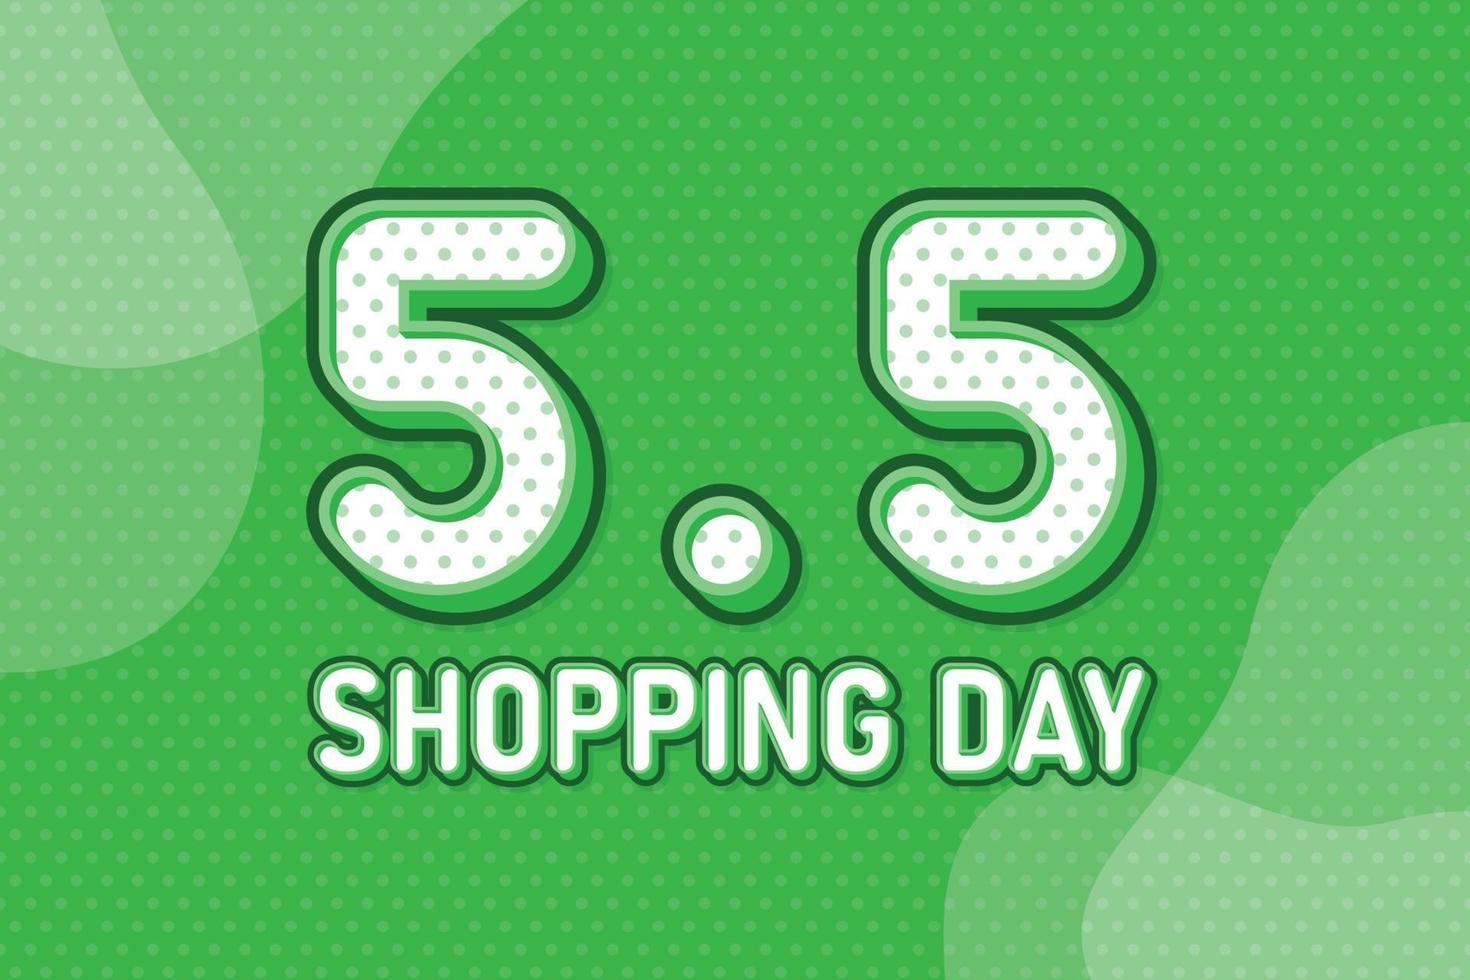 5,5 shoppingdag, banner för textmarknadsföring. pastell popkonst taldesign. vektor illustration